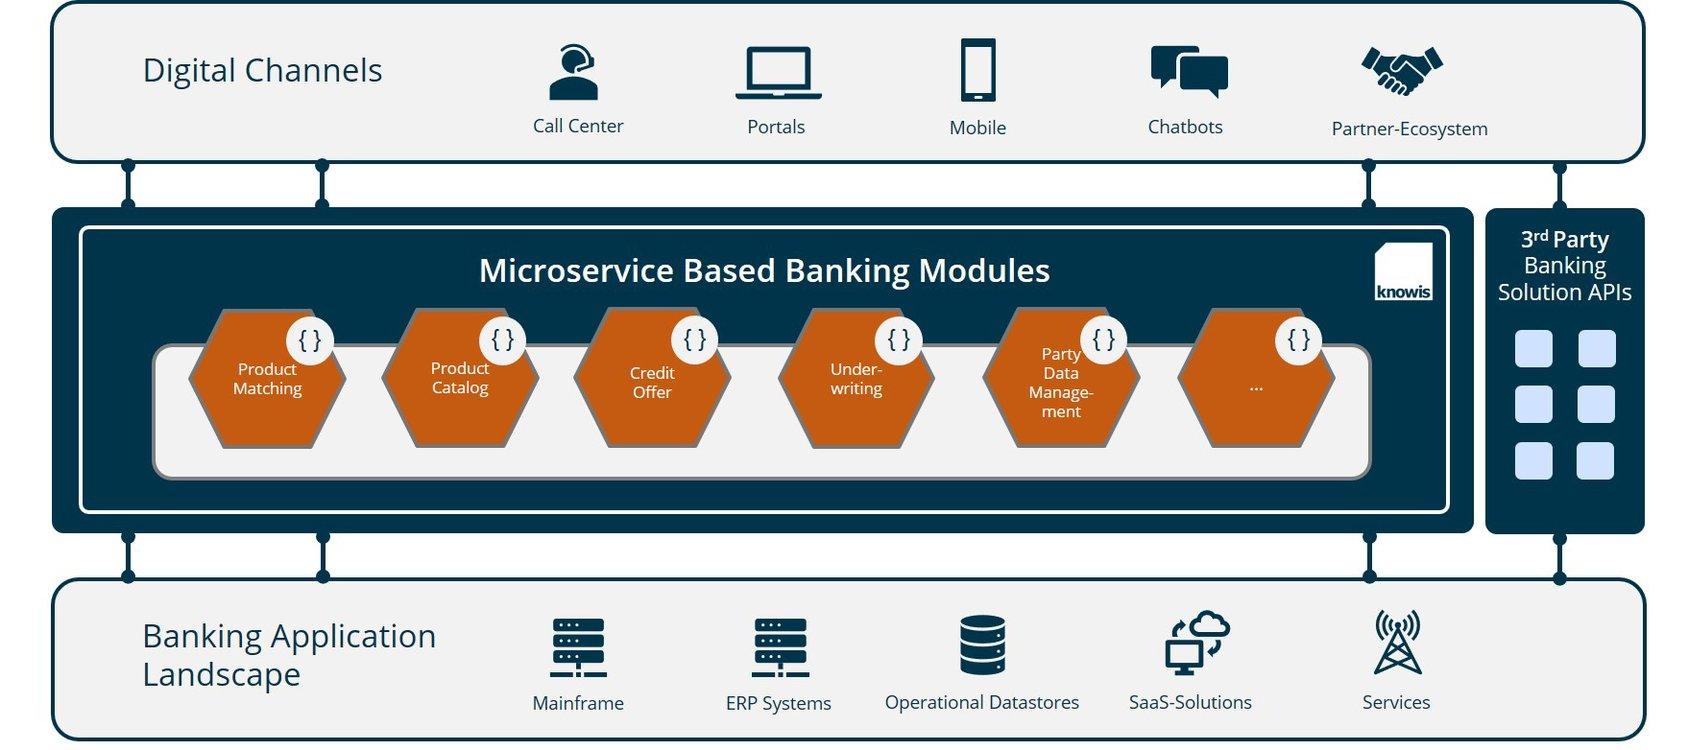 Legacy-Systeme: Modernisierung der Kernbankensysteme